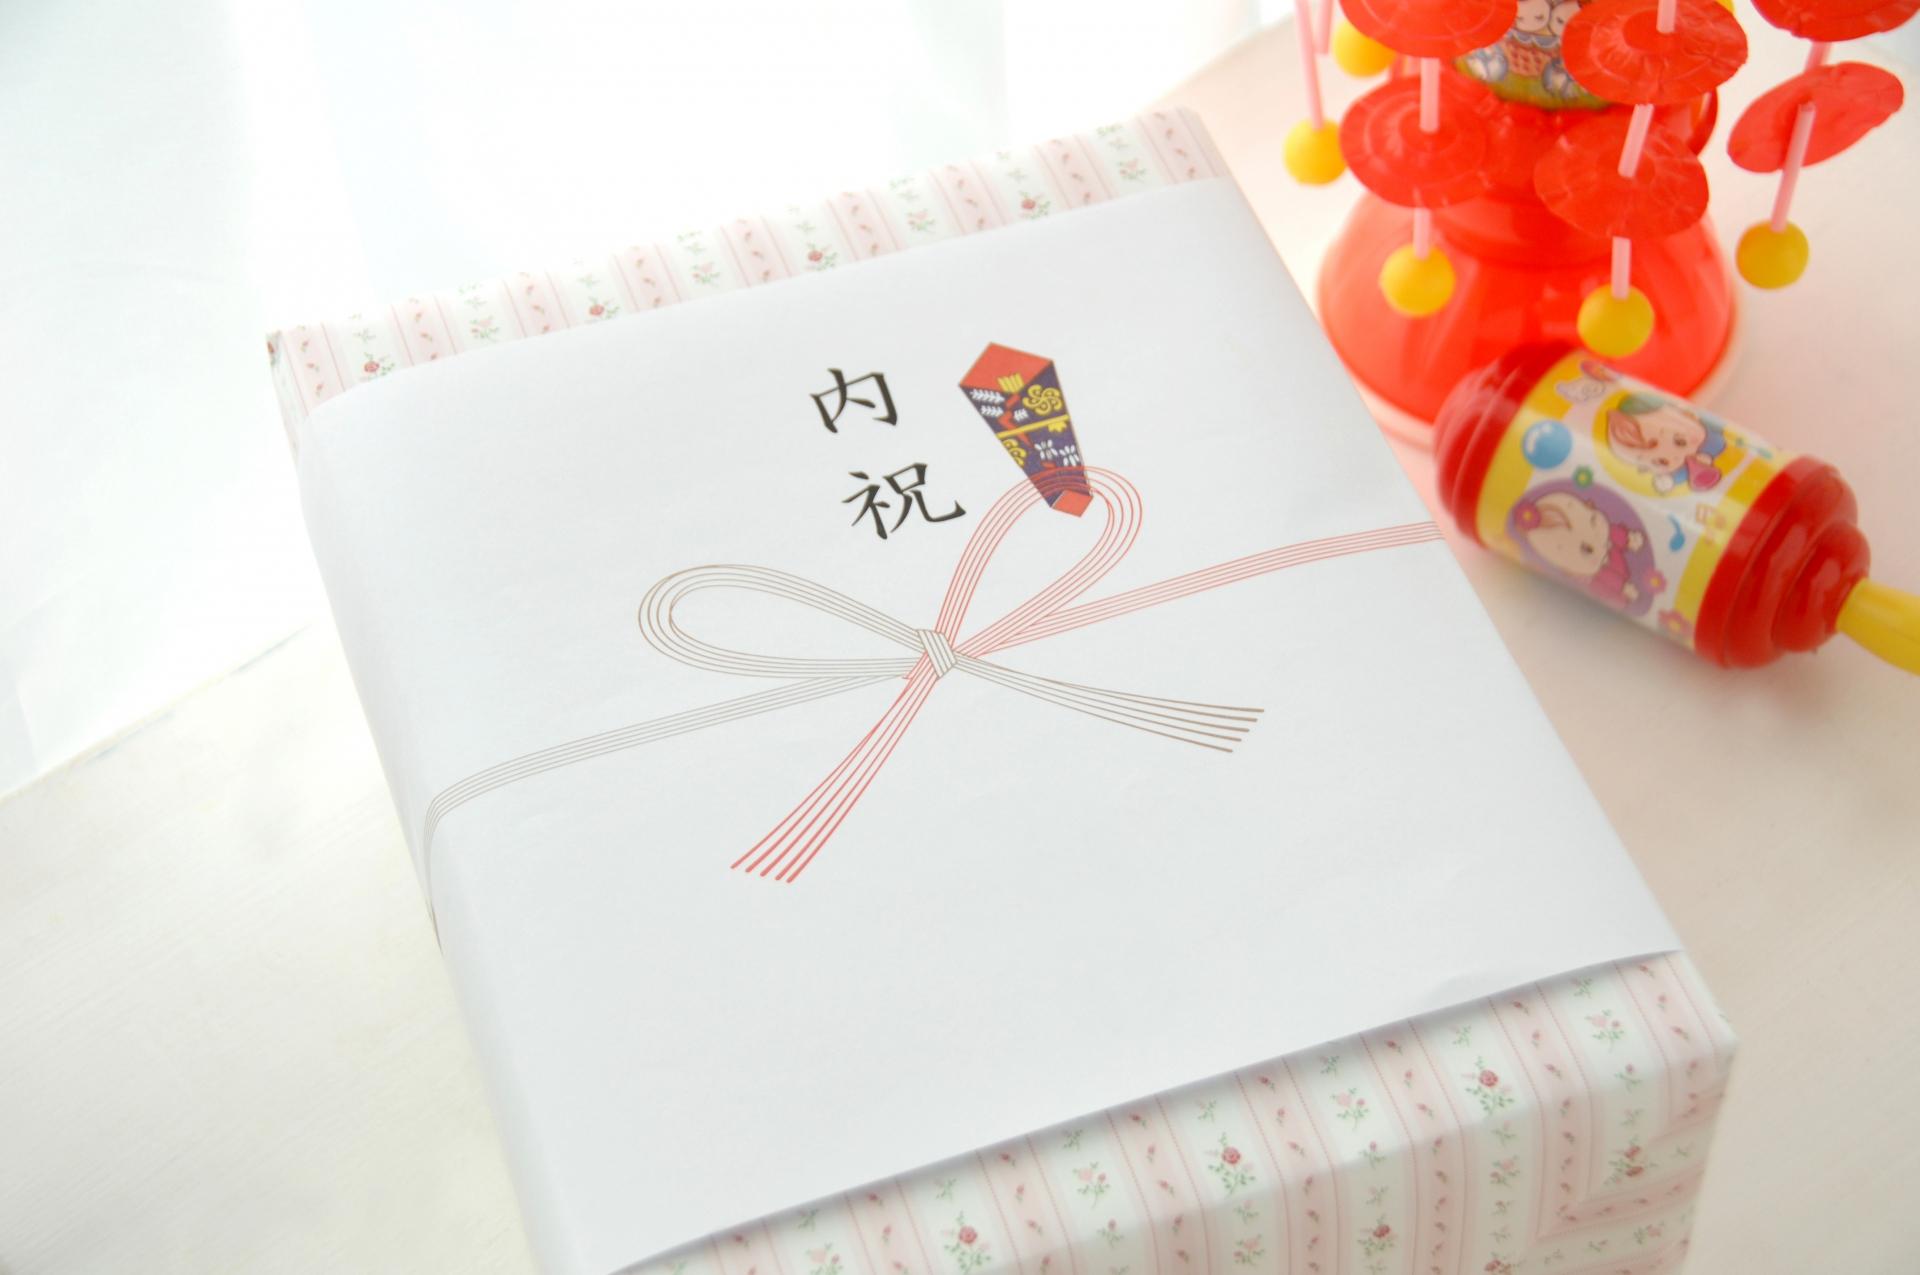 兄弟の結婚・出産時の内祝いにおすすめのギフトまとめ!喜ばれるものを選ぼう